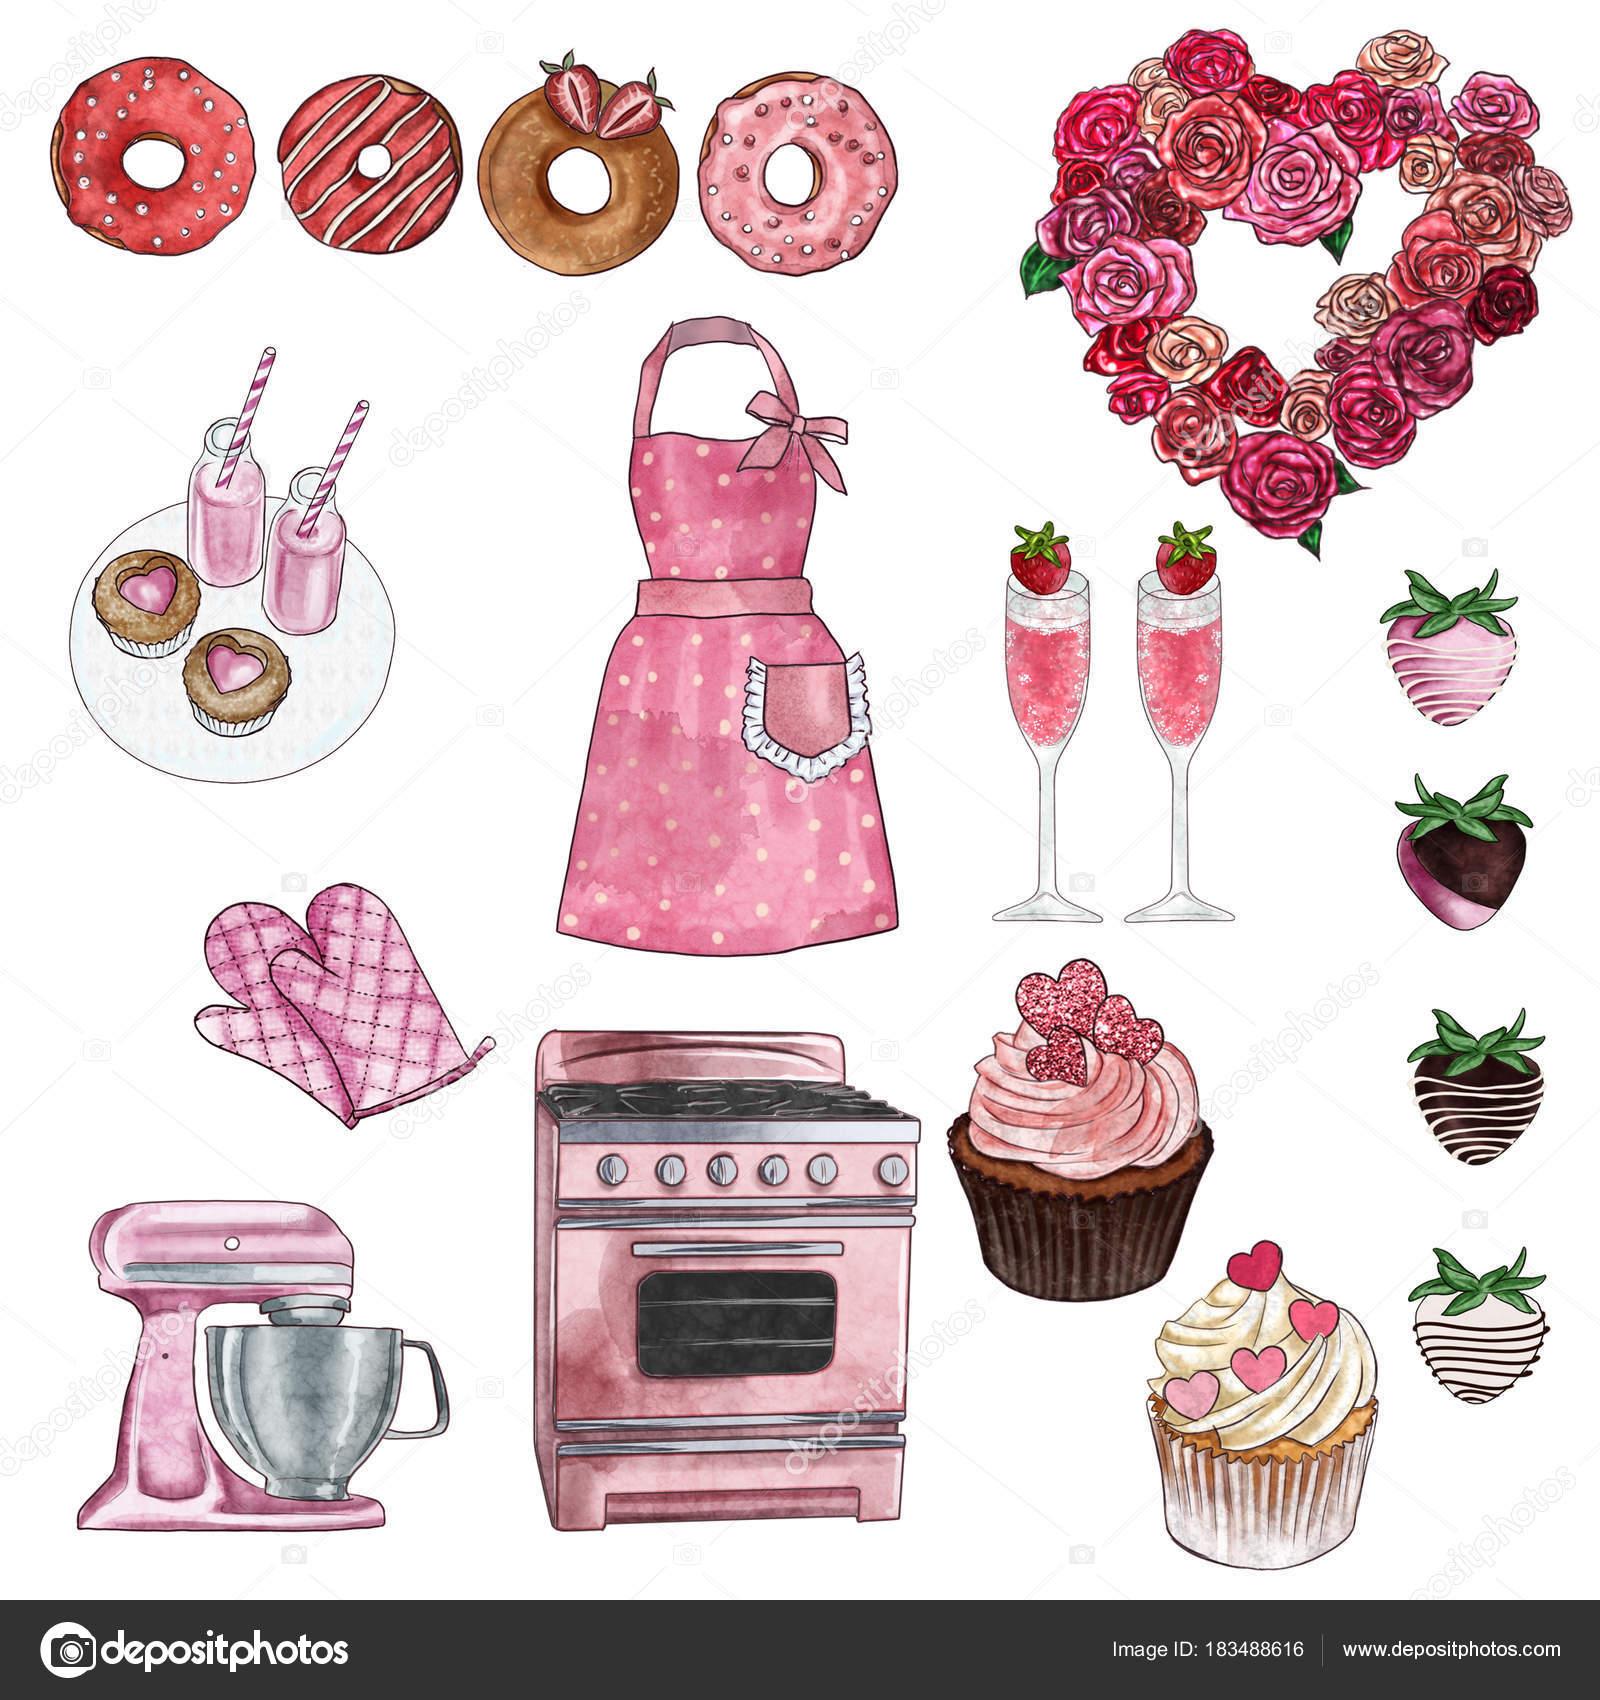 Cliparts Sammlung Gruppe Von Objekten Valentine Und Retro Küche Und ...